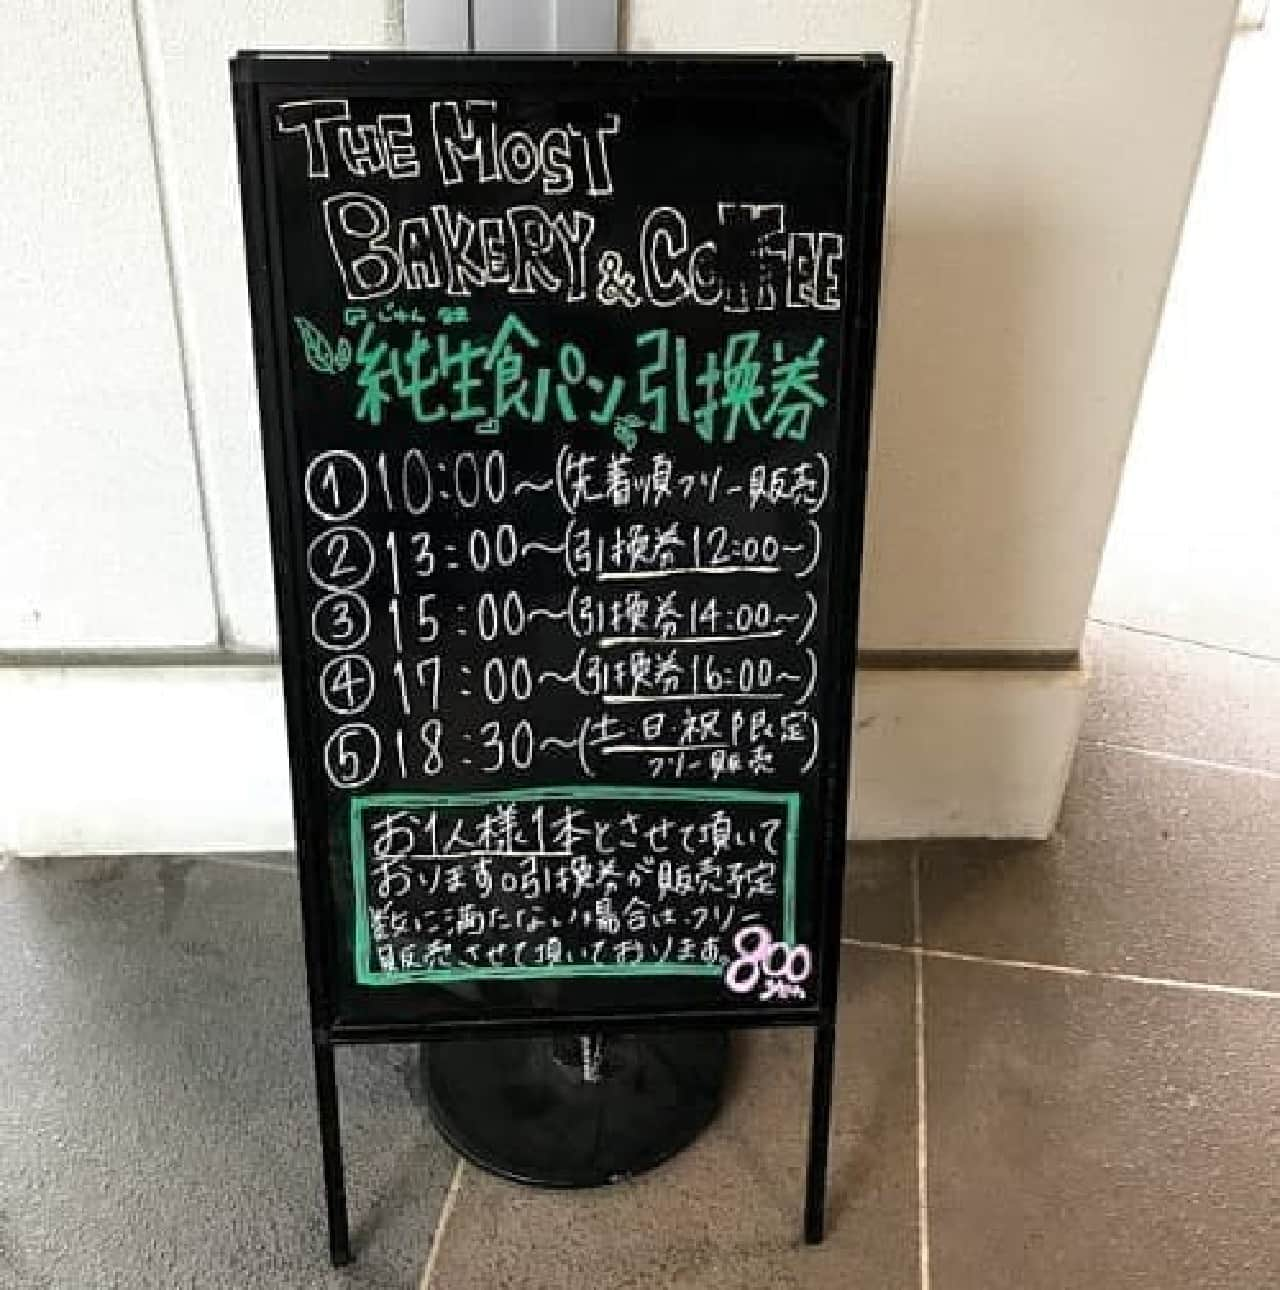 ザ・モスト ベーカリー アンド コーヒーの「純生」食パンの引換時間を書いたボード